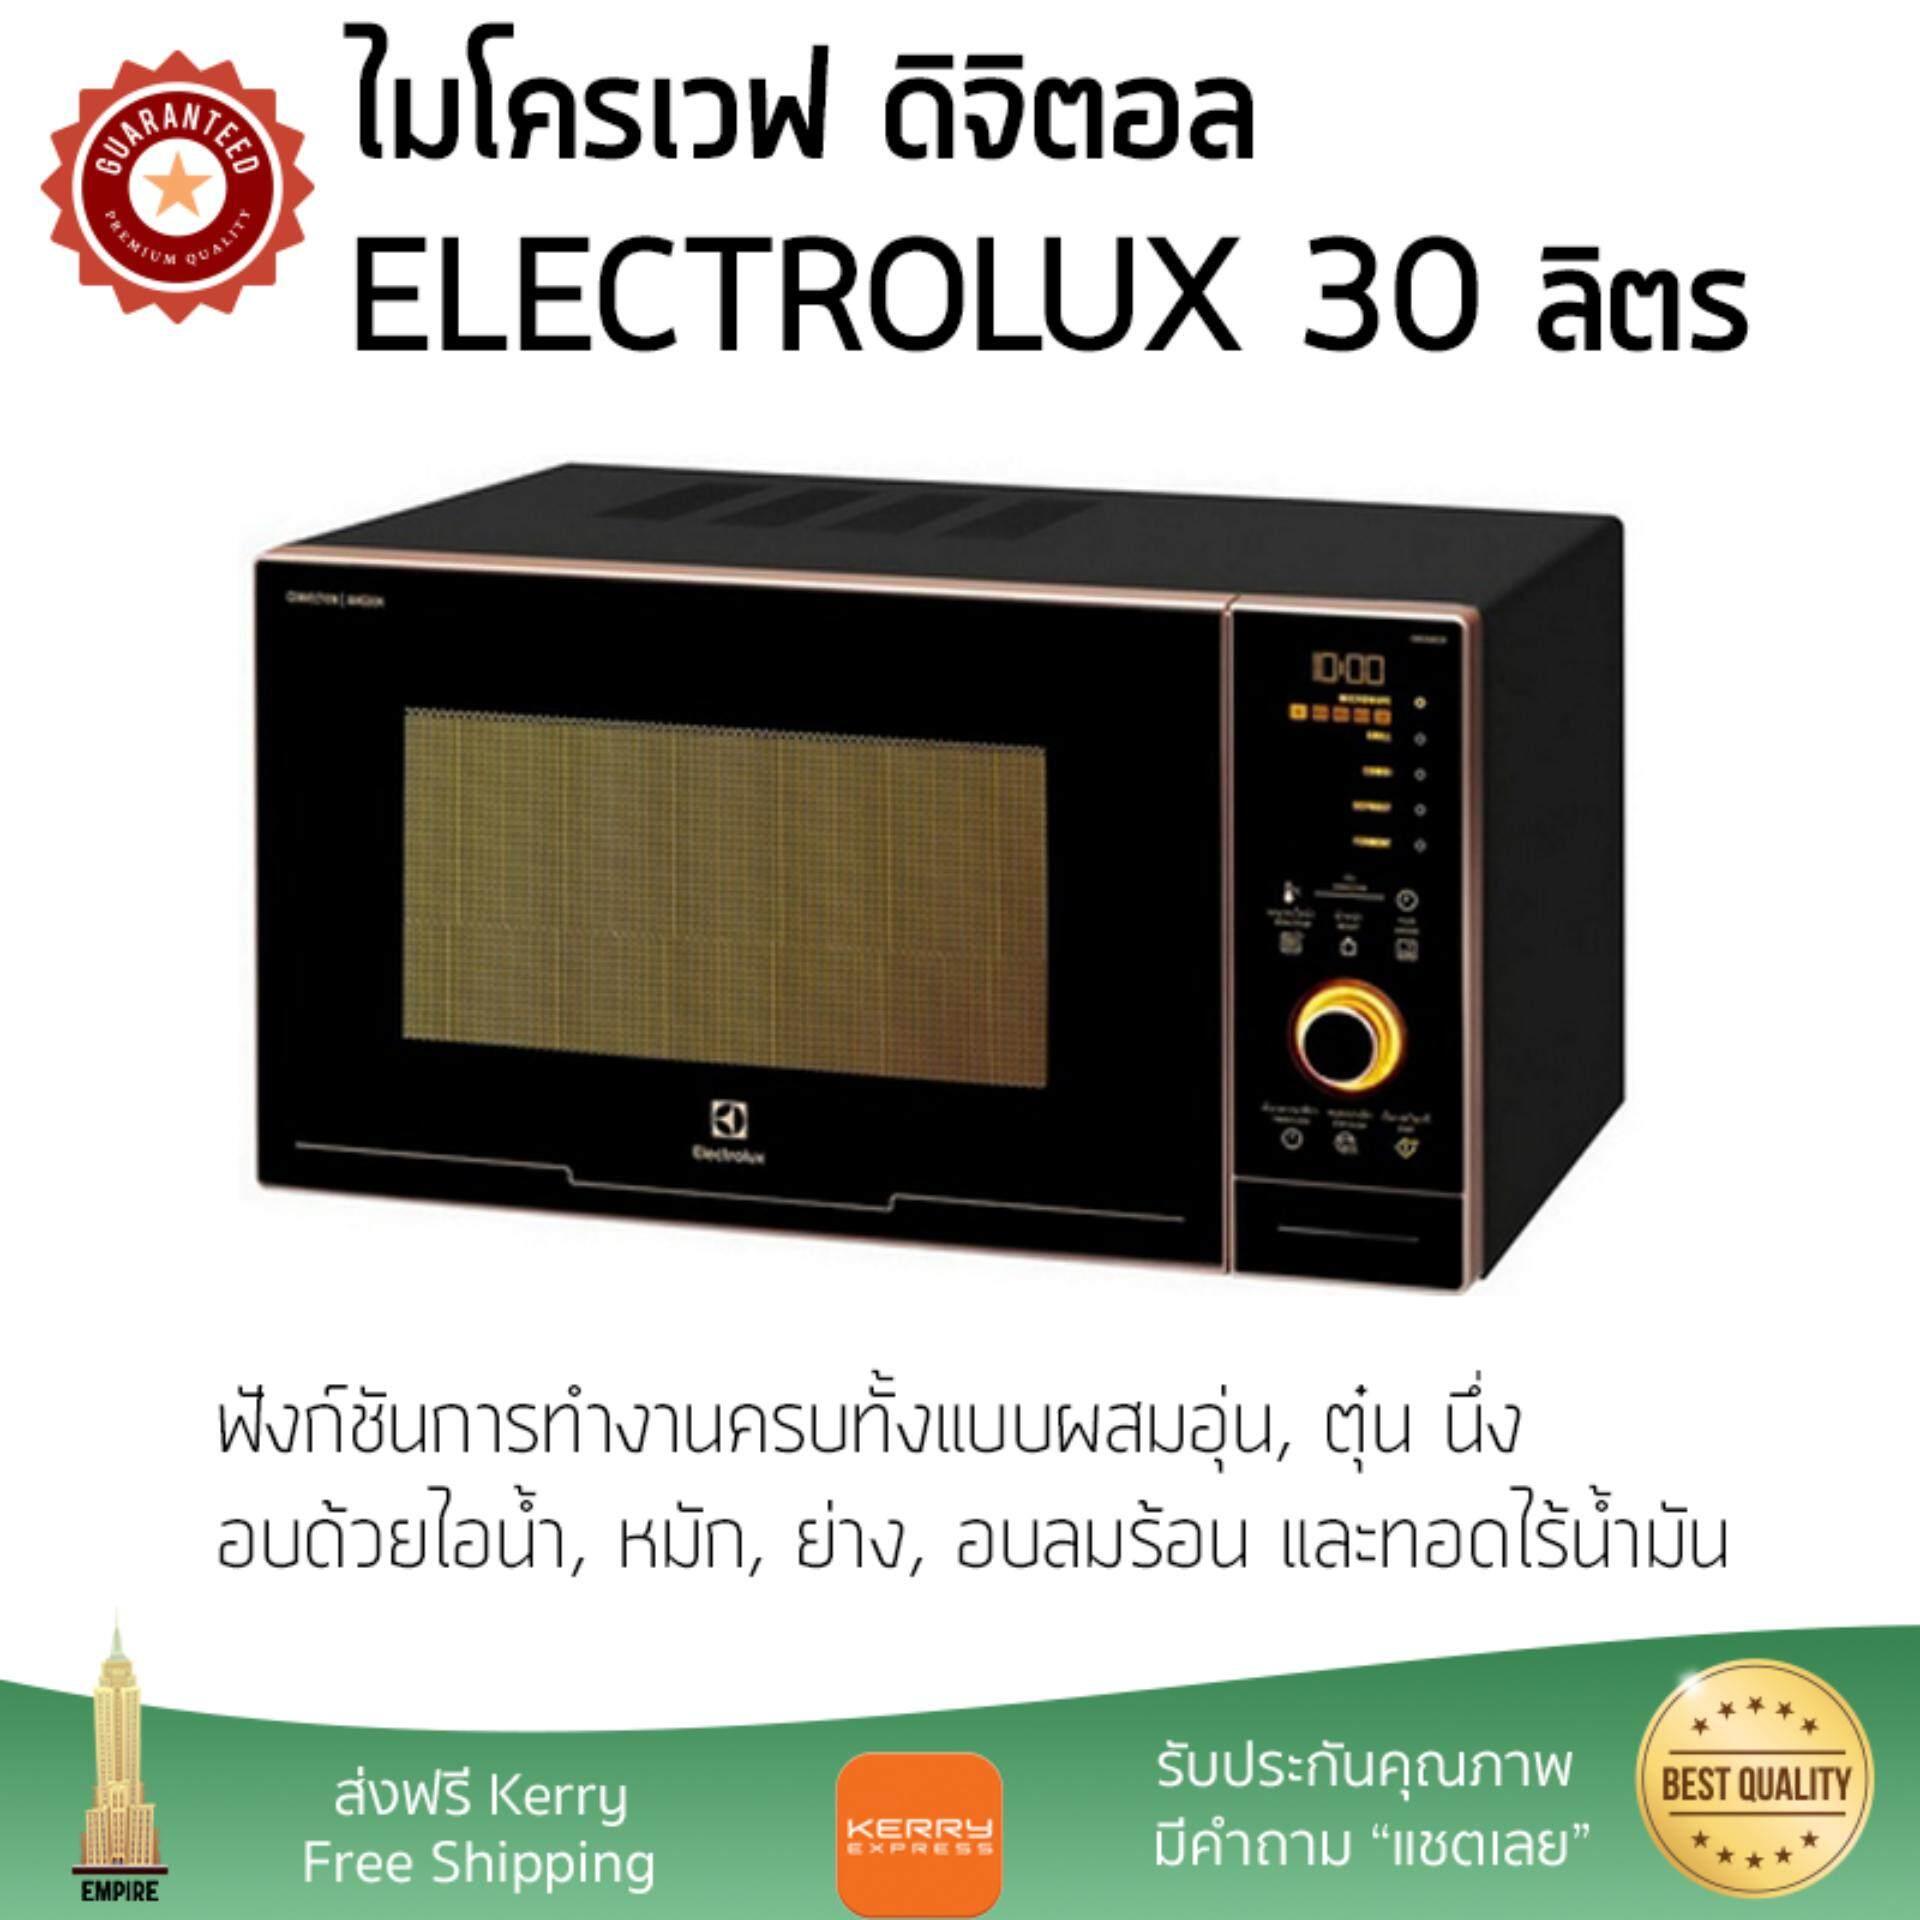 รุ่นใหม่ล่าสุด ไมโครเวฟ เตาอบไมโครเวฟ ไมโครเวฟดิจิตอล ELECTROLUX EMS3082CR 30L | ELECTROLUX | EMS3082CR ปรับระดับความร้อนได้หลายระดับ มีฟังก์ชันละลายน้ำแข็ง ใช้งานง่าย Microwave จัดส่งฟรีทั่วประเทศ